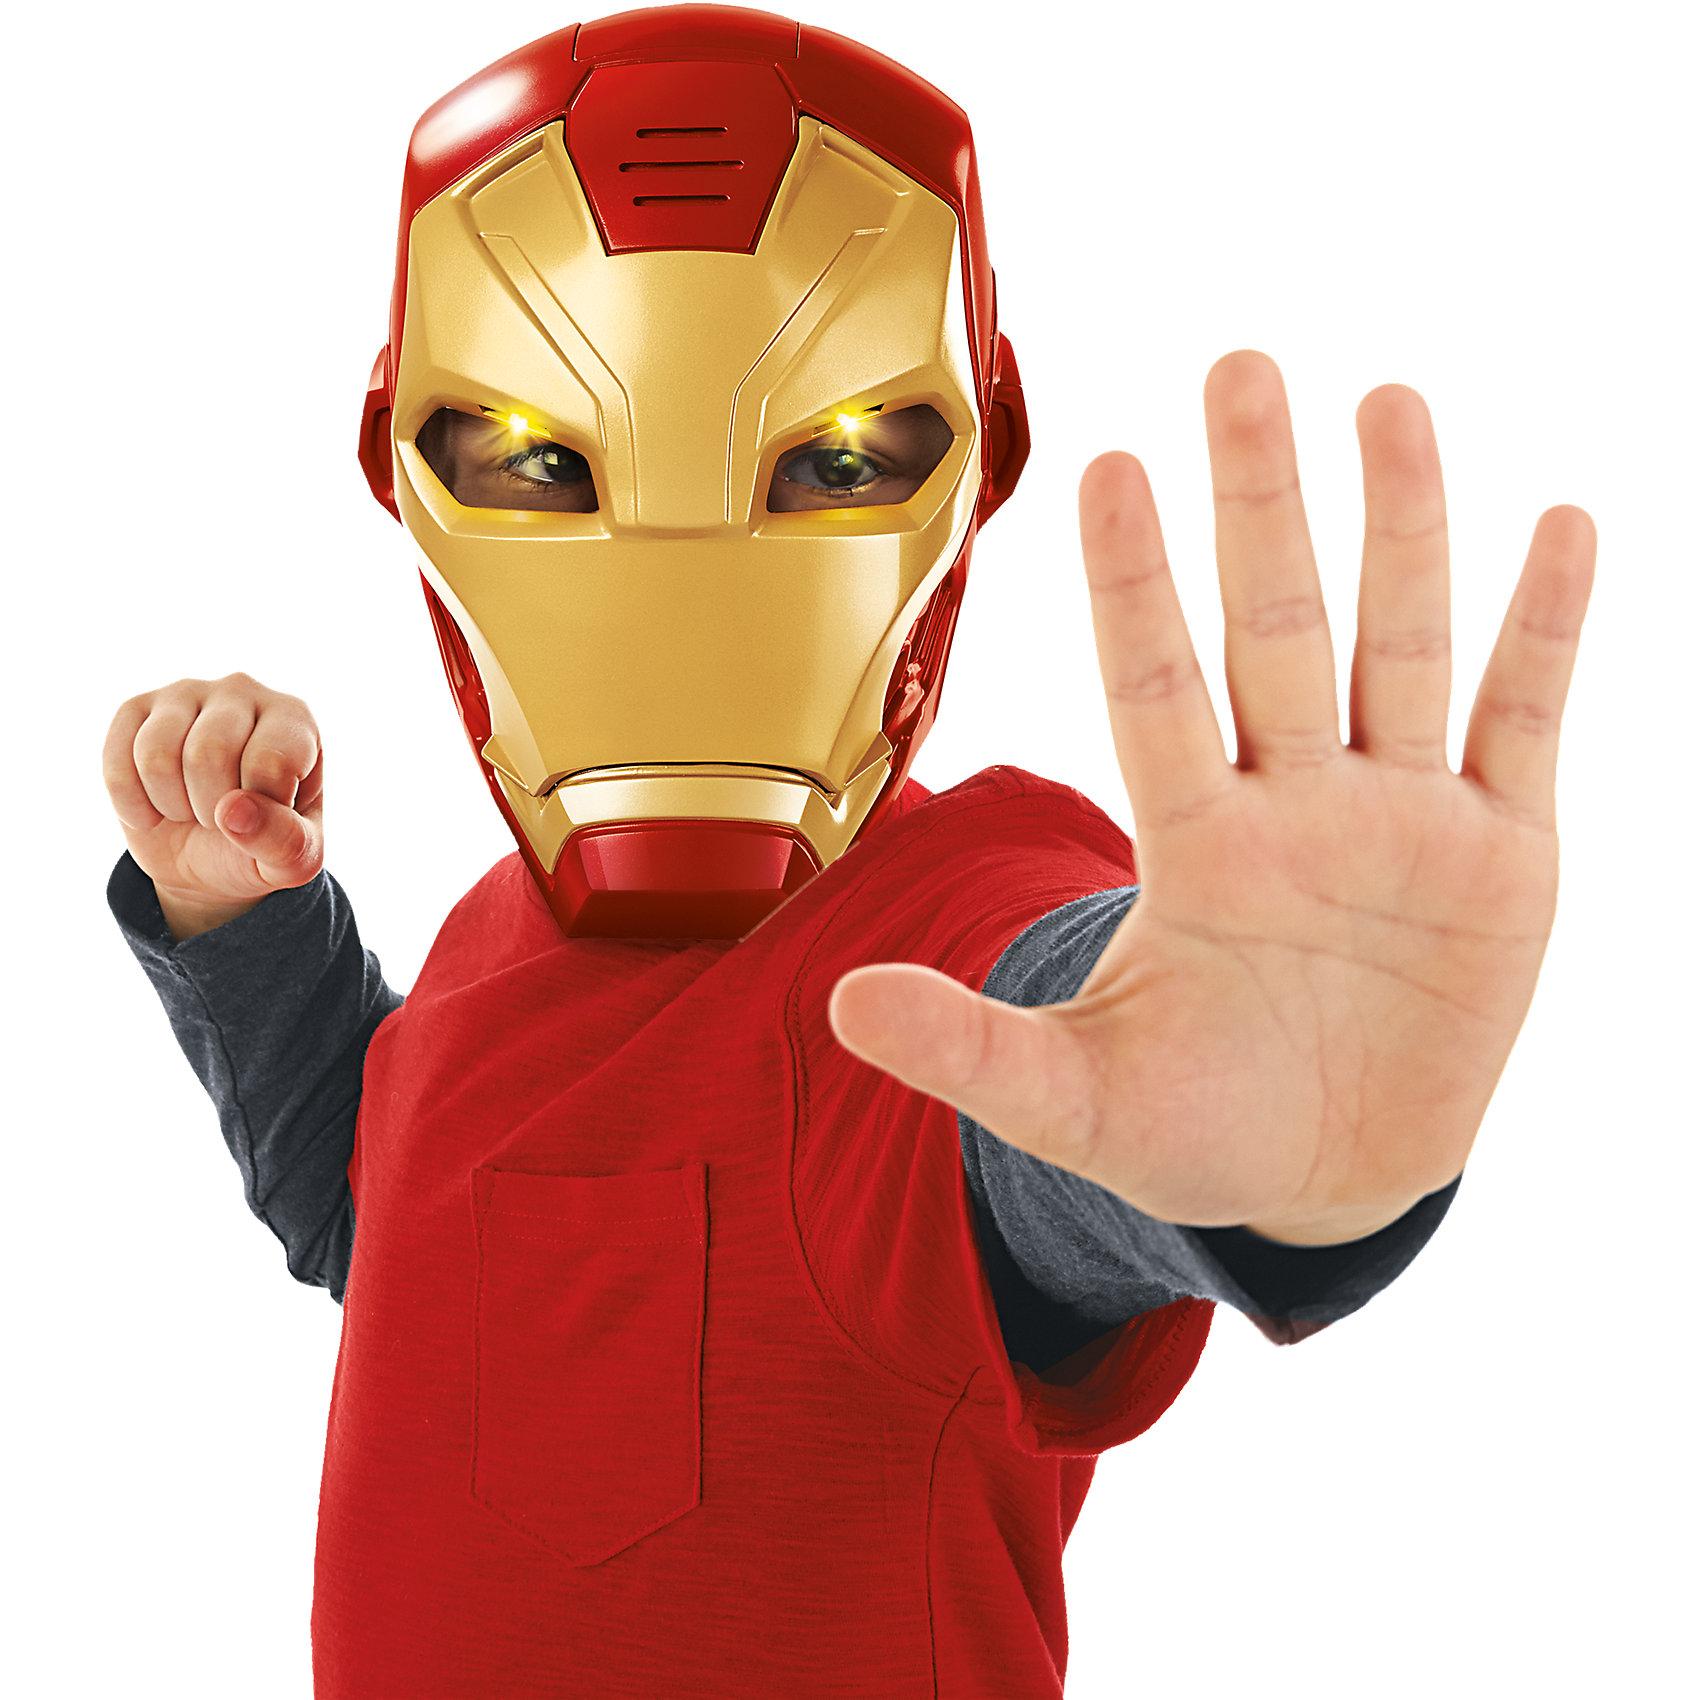 Электронная маска Железного ЧеловекаЭлектронная маска Железного Человека, Hasbro, станет отличным подарком для Вашего ребенка, особенно если он является поклонником популярных комиксов и фильмов о супергероях Мстители (Avengers). Популярный супергерой обладает мощным костюмом, который великолепно защищает его от противников и придает ему силу и ловкость. Маска поможет ребенку представить себя в роли любимого персонажа и погрузиться с друзьями в увлекательный игровой процесс. Игрушка из прочного качественного пластика выполнена очень реалистично, все детали тщательно проработаны. Маска оснащена звуковым модулем: при открытии и закрытии забрала раздаются звуки и фразы из фильма. Когда головной убор закрывается, в глазах игрушки загорается ярко-желтый свет. Маска комфортно фиксируется с помощью удобных мягких ремешков, которые можно отрегулировать до нужного размера. <br><br>Дополнительная информация:<br><br>- Материал: пластик.<br>- Требуются батарейки: 2 х ААА (входят в комплект). <br>- Размер игрушки: 10 х 20,5 х 28 см. <br>- Размер упаковки: 32 х 23 х 30 см.<br>- Вес: 0,5 кг.<br><br>Электронную маску Железного Человека, Hasbro, можно купить в нашем интернет-магазине.<br><br>Ширина мм: 280<br>Глубина мм: 220<br>Высота мм: 112<br>Вес г: 456<br>Возраст от месяцев: 48<br>Возраст до месяцев: 108<br>Пол: Мужской<br>Возраст: Детский<br>SKU: 4326306